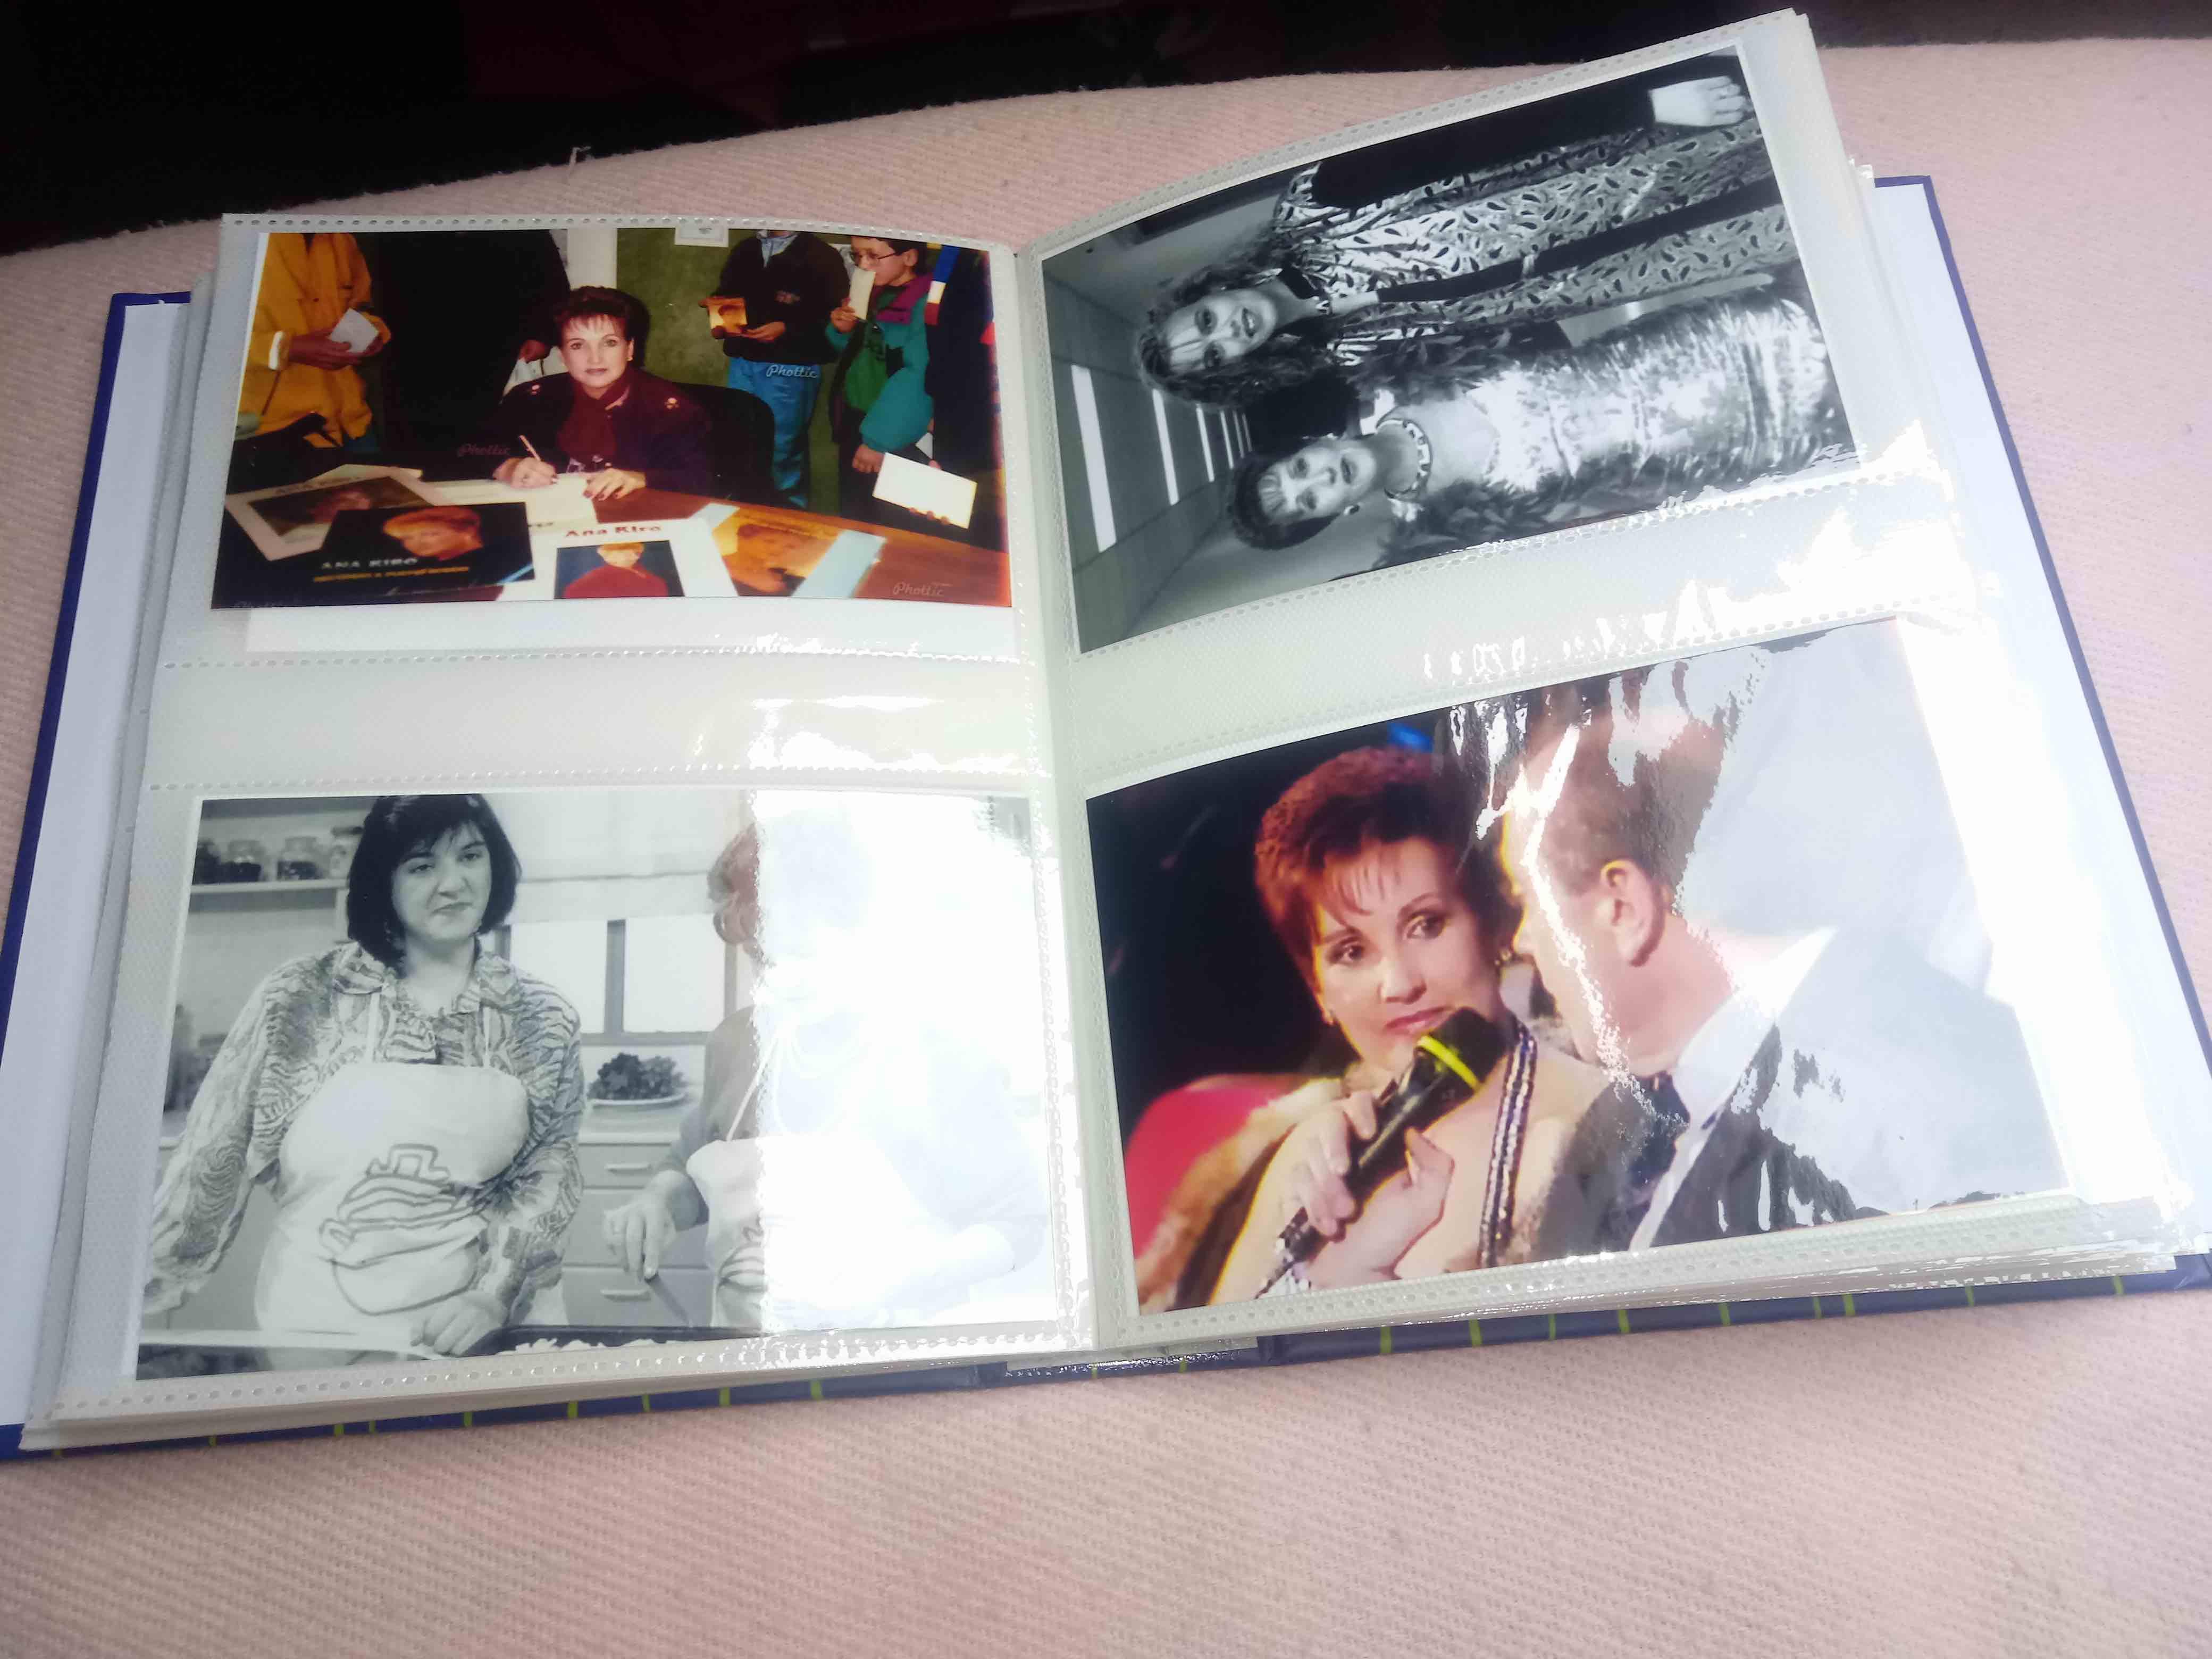 Album de fotos de Ana Kiro